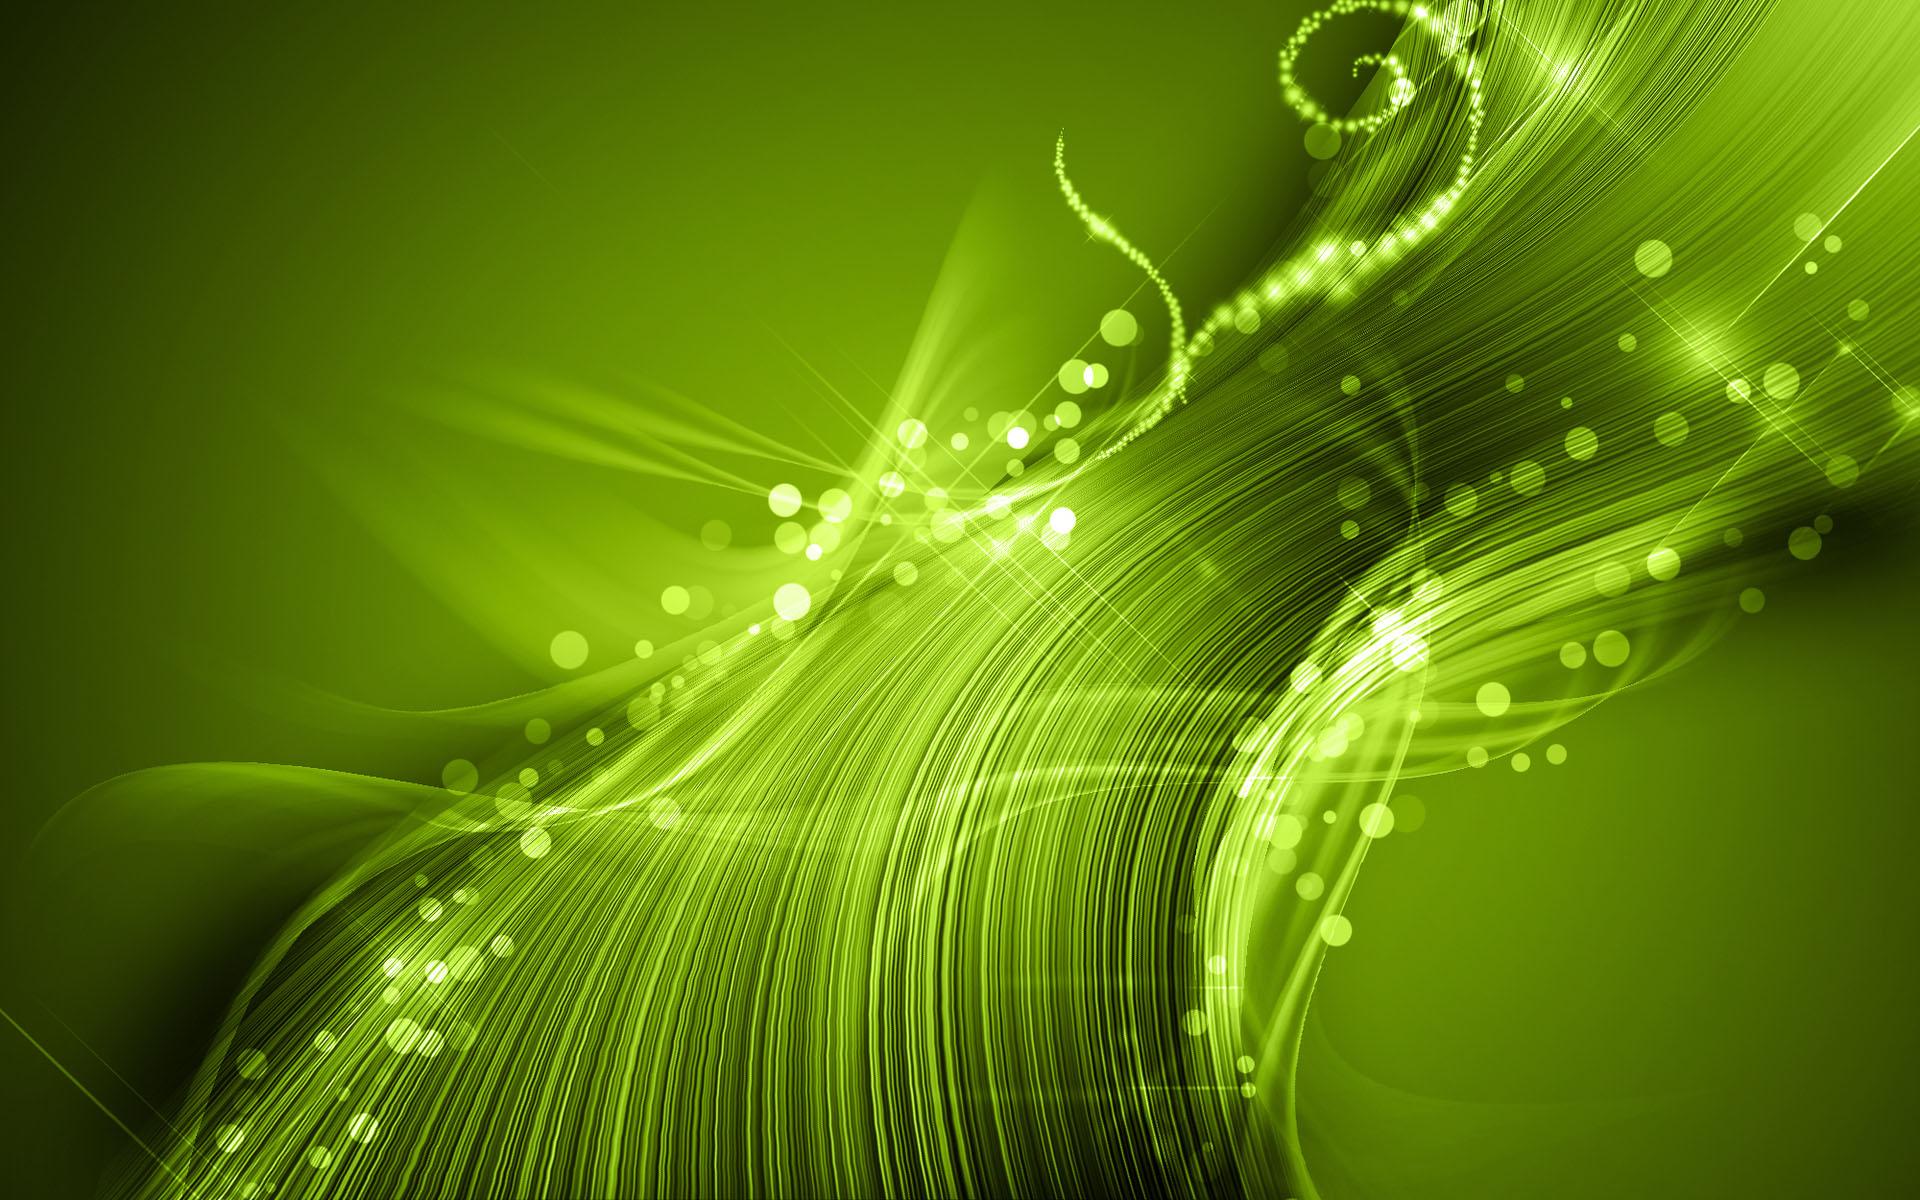 Зеленый свет обои скачать картинки на